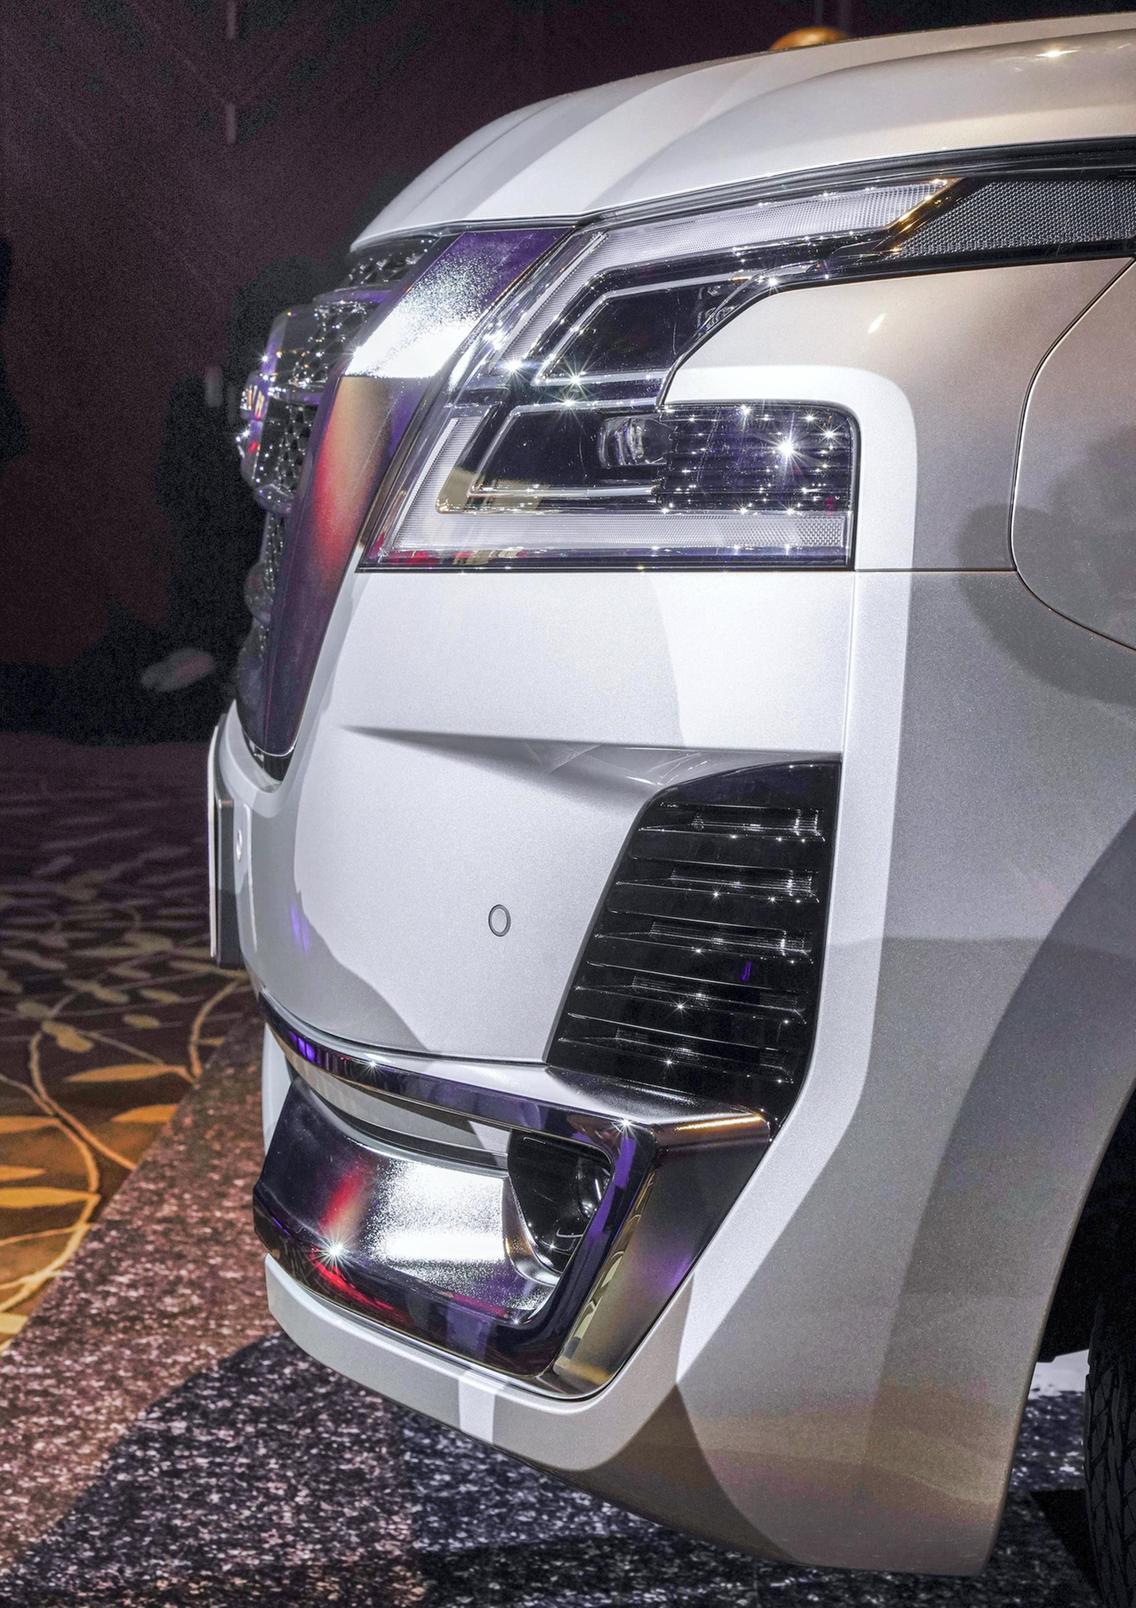 2020 Nissan Patrol Made its Global Debut in the UAE - Motoraty